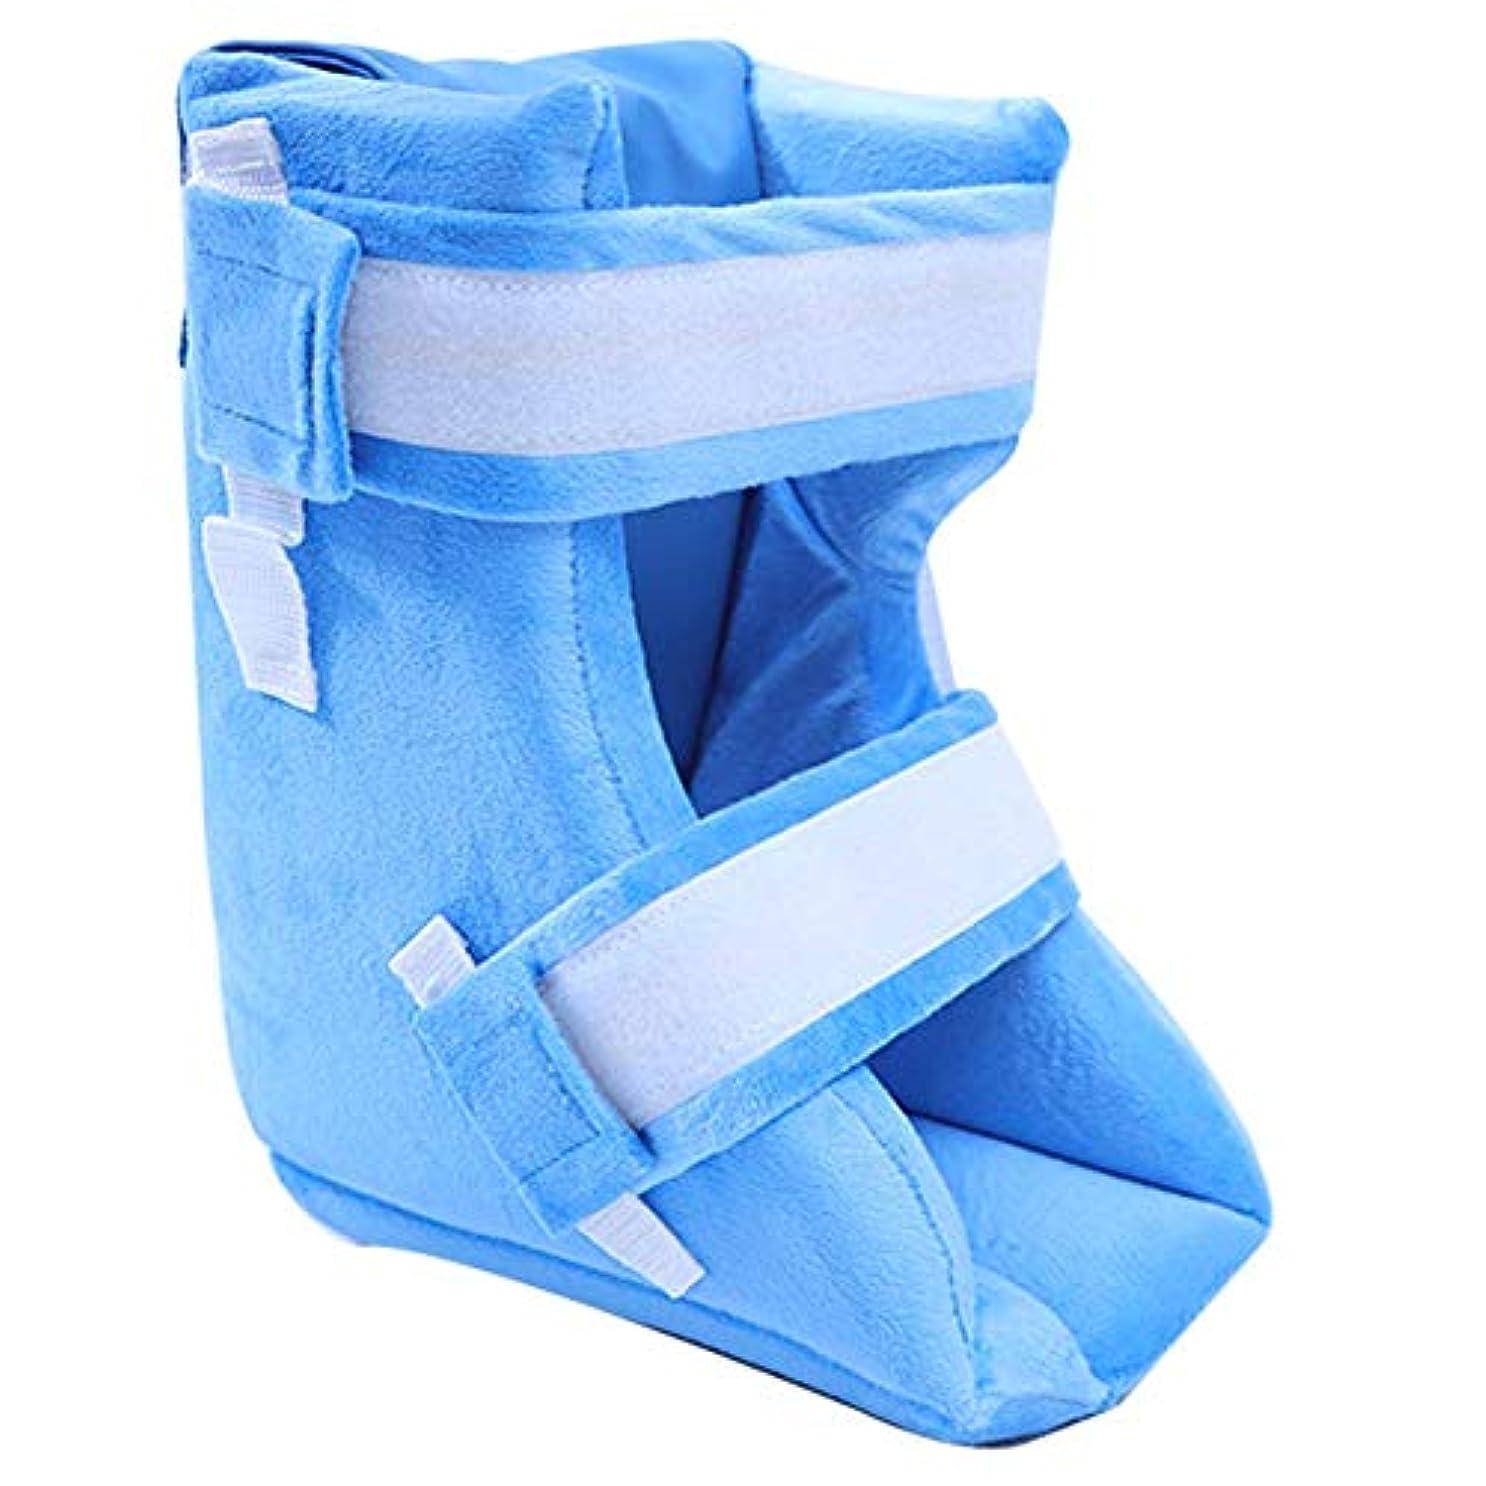 私合わせて辛な反褥瘡のかかとの保護材のクッション、足首サポート枕フットプロテクション、ライトブルー、13.77×9.84インチ,1Pcs